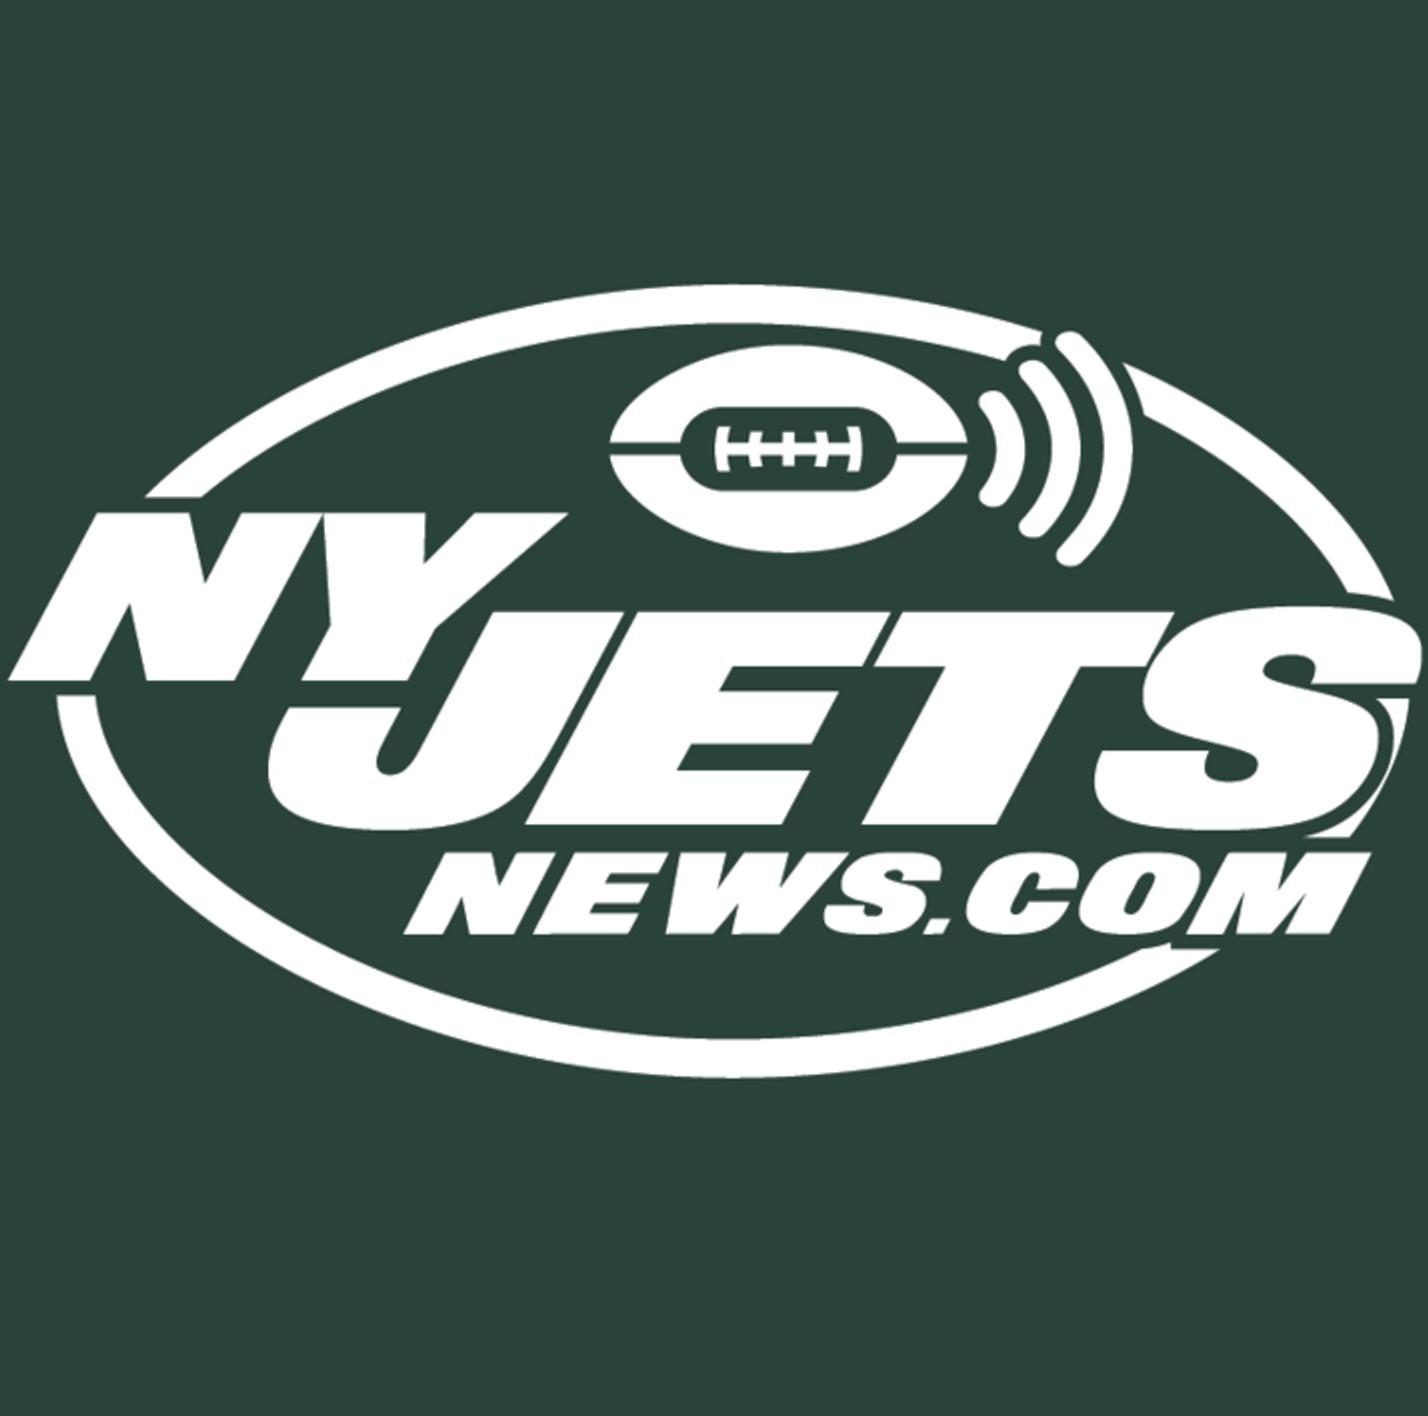 NYJetsNews.com